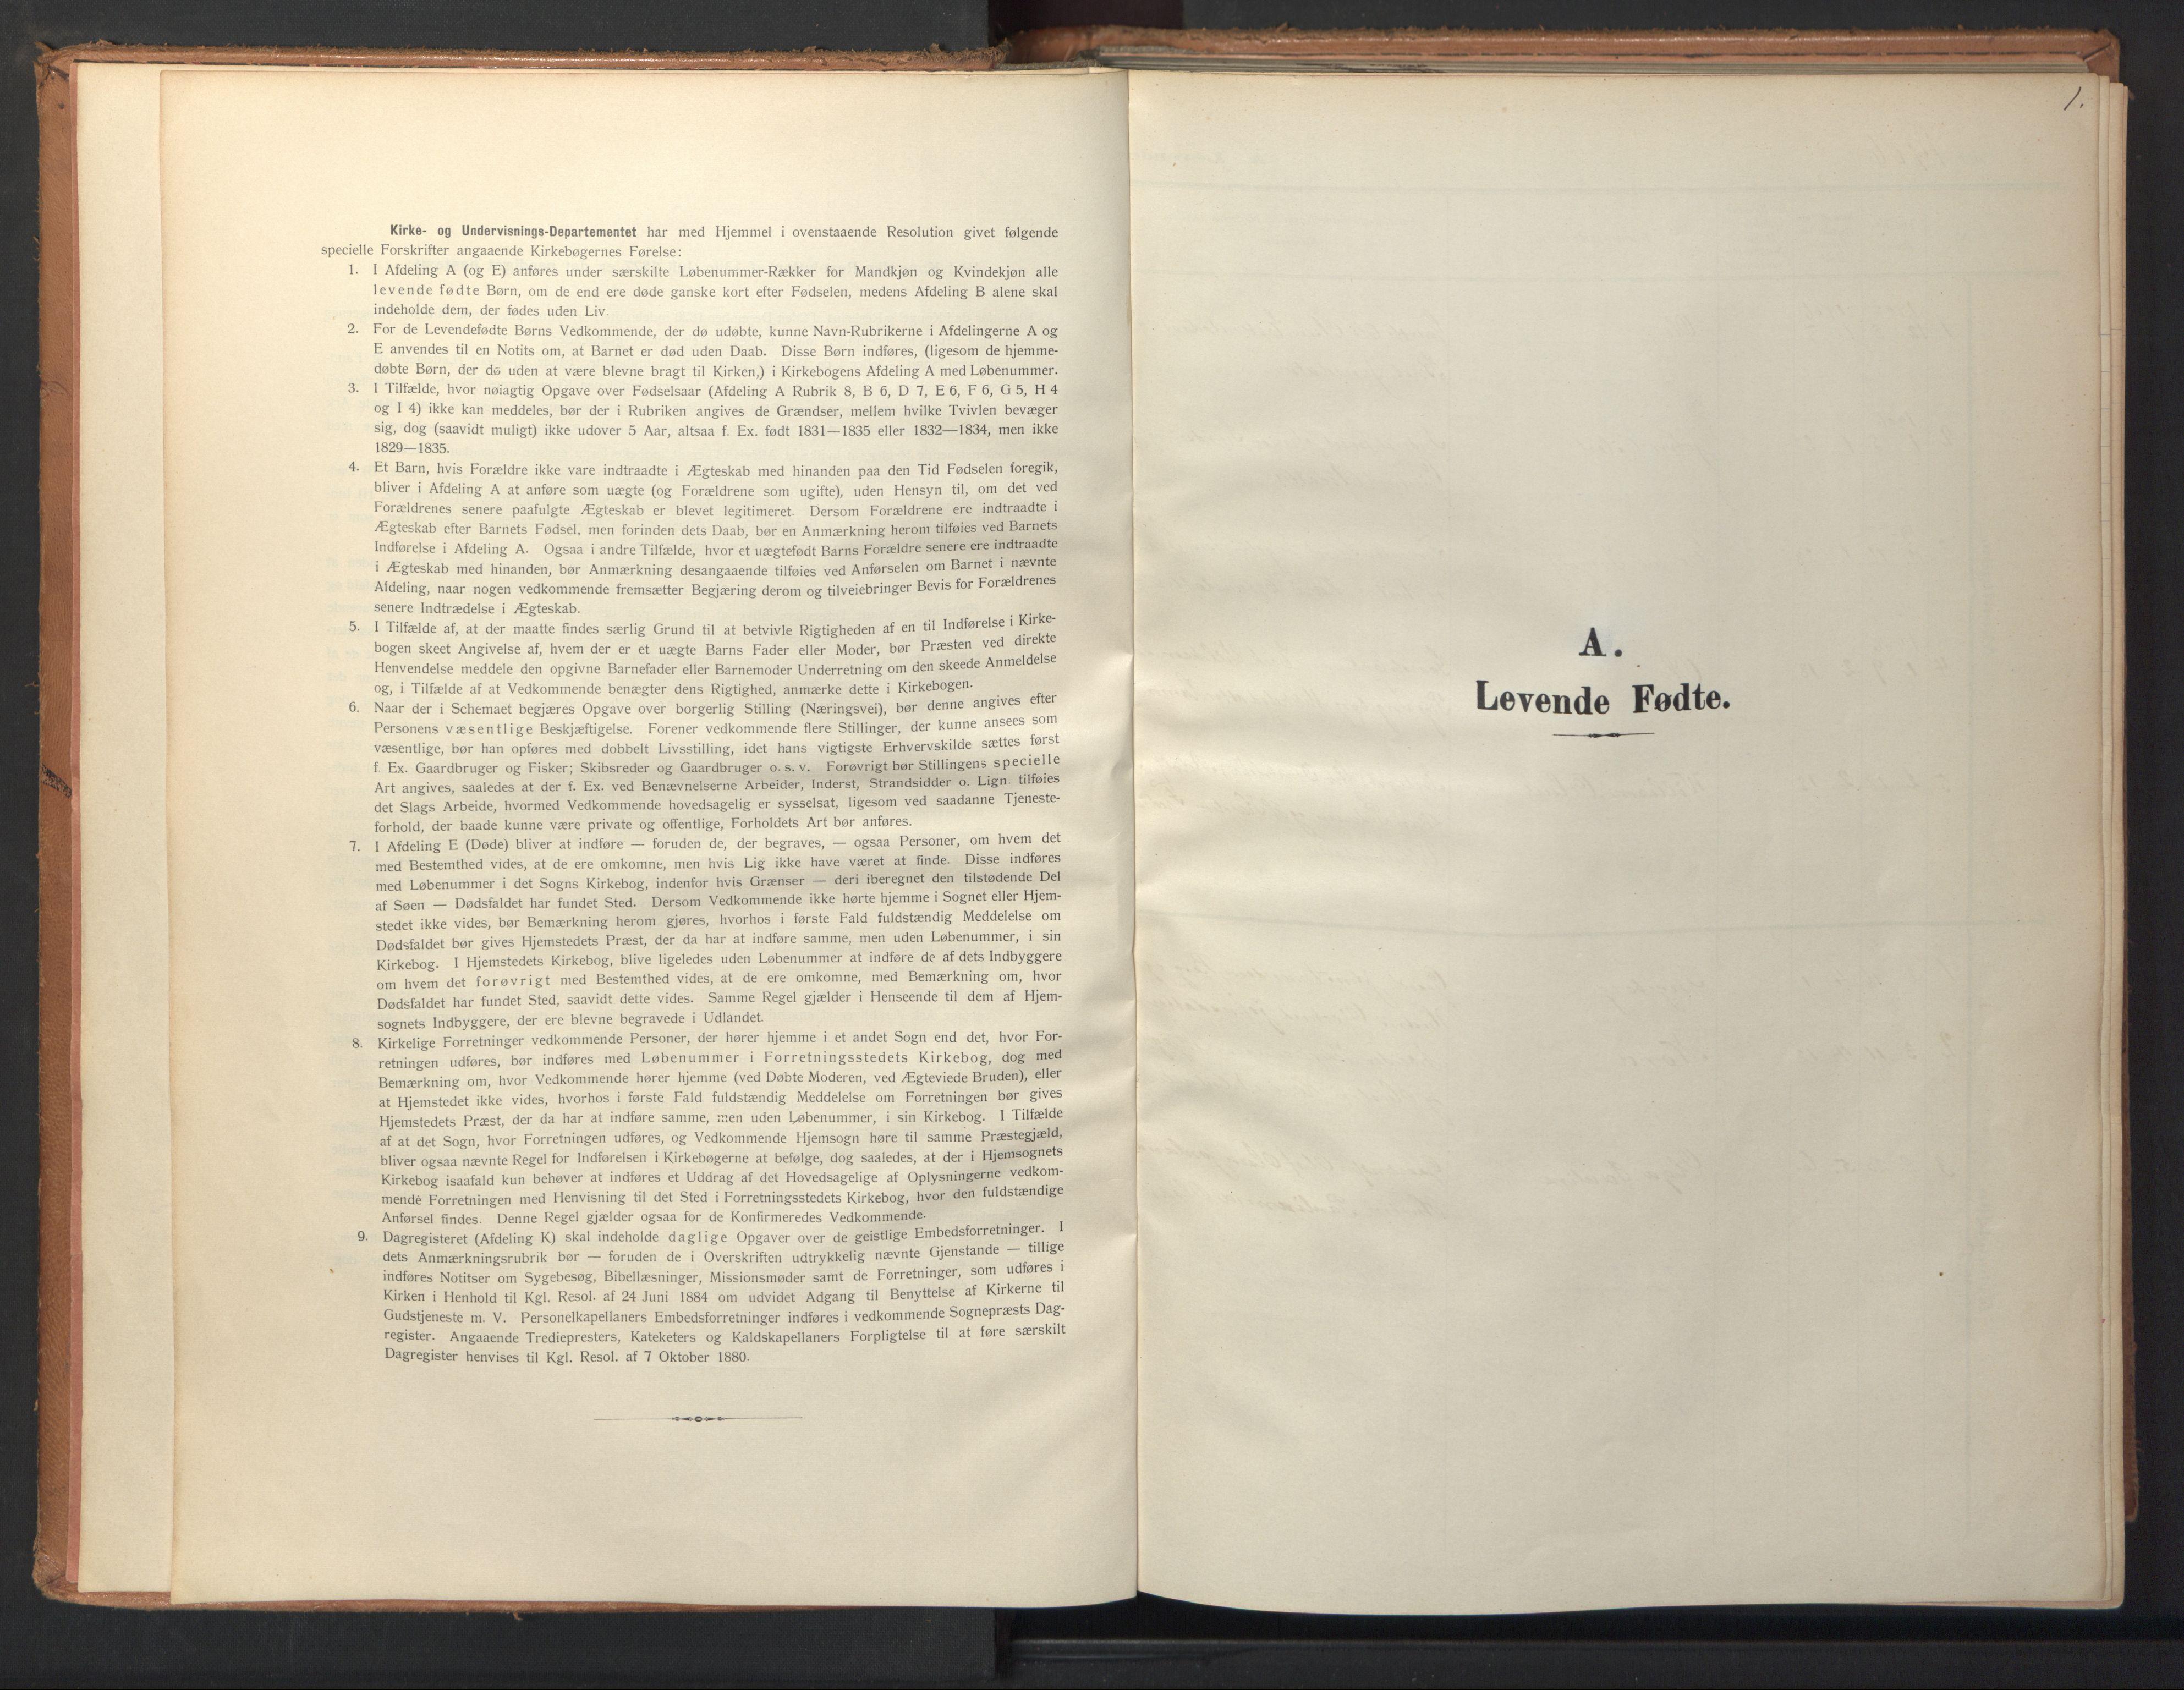 SAT, Ministerialprotokoller, klokkerbøker og fødselsregistre - Sør-Trøndelag, 694/L1128: Ministerialbok nr. 694A02, 1906-1931, s. 1